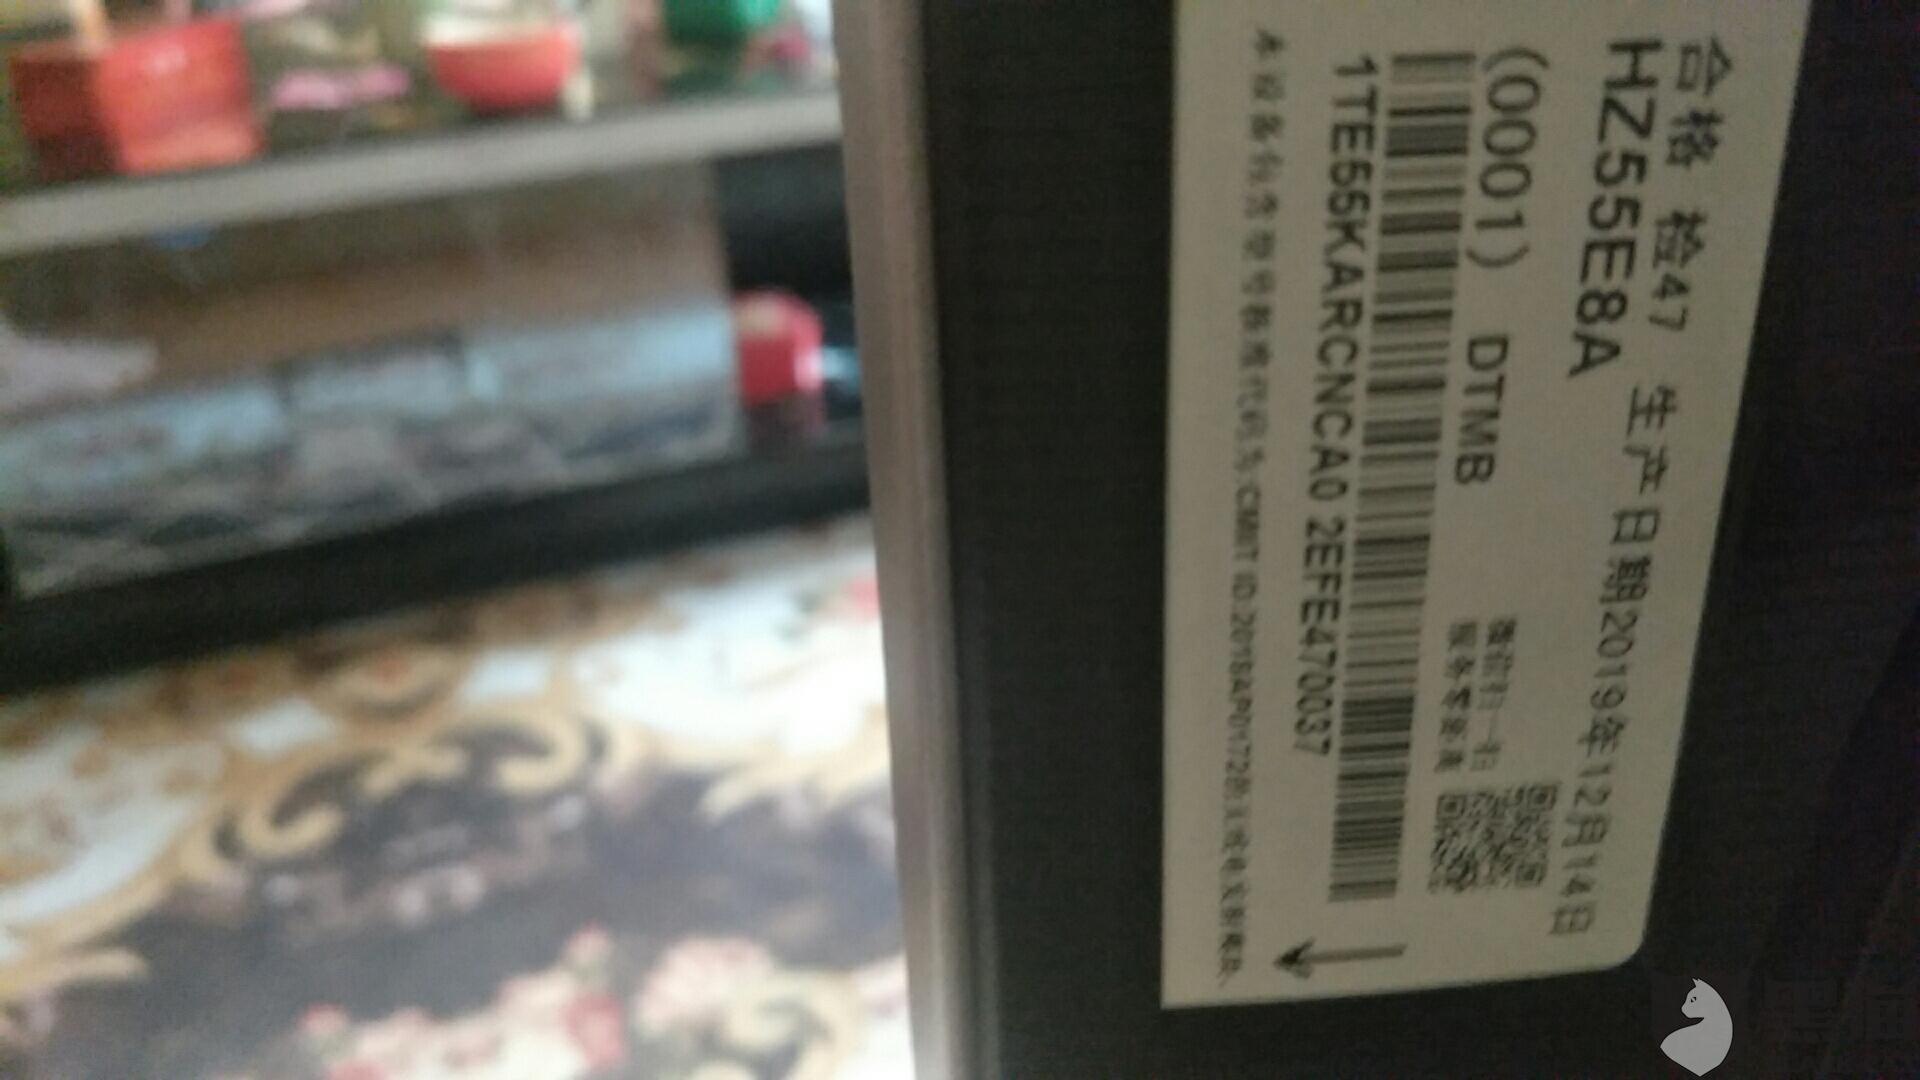 黑猫投诉:海信电视厂家,这样下去消费者很失望,售后服务太差了以后的路不会好走